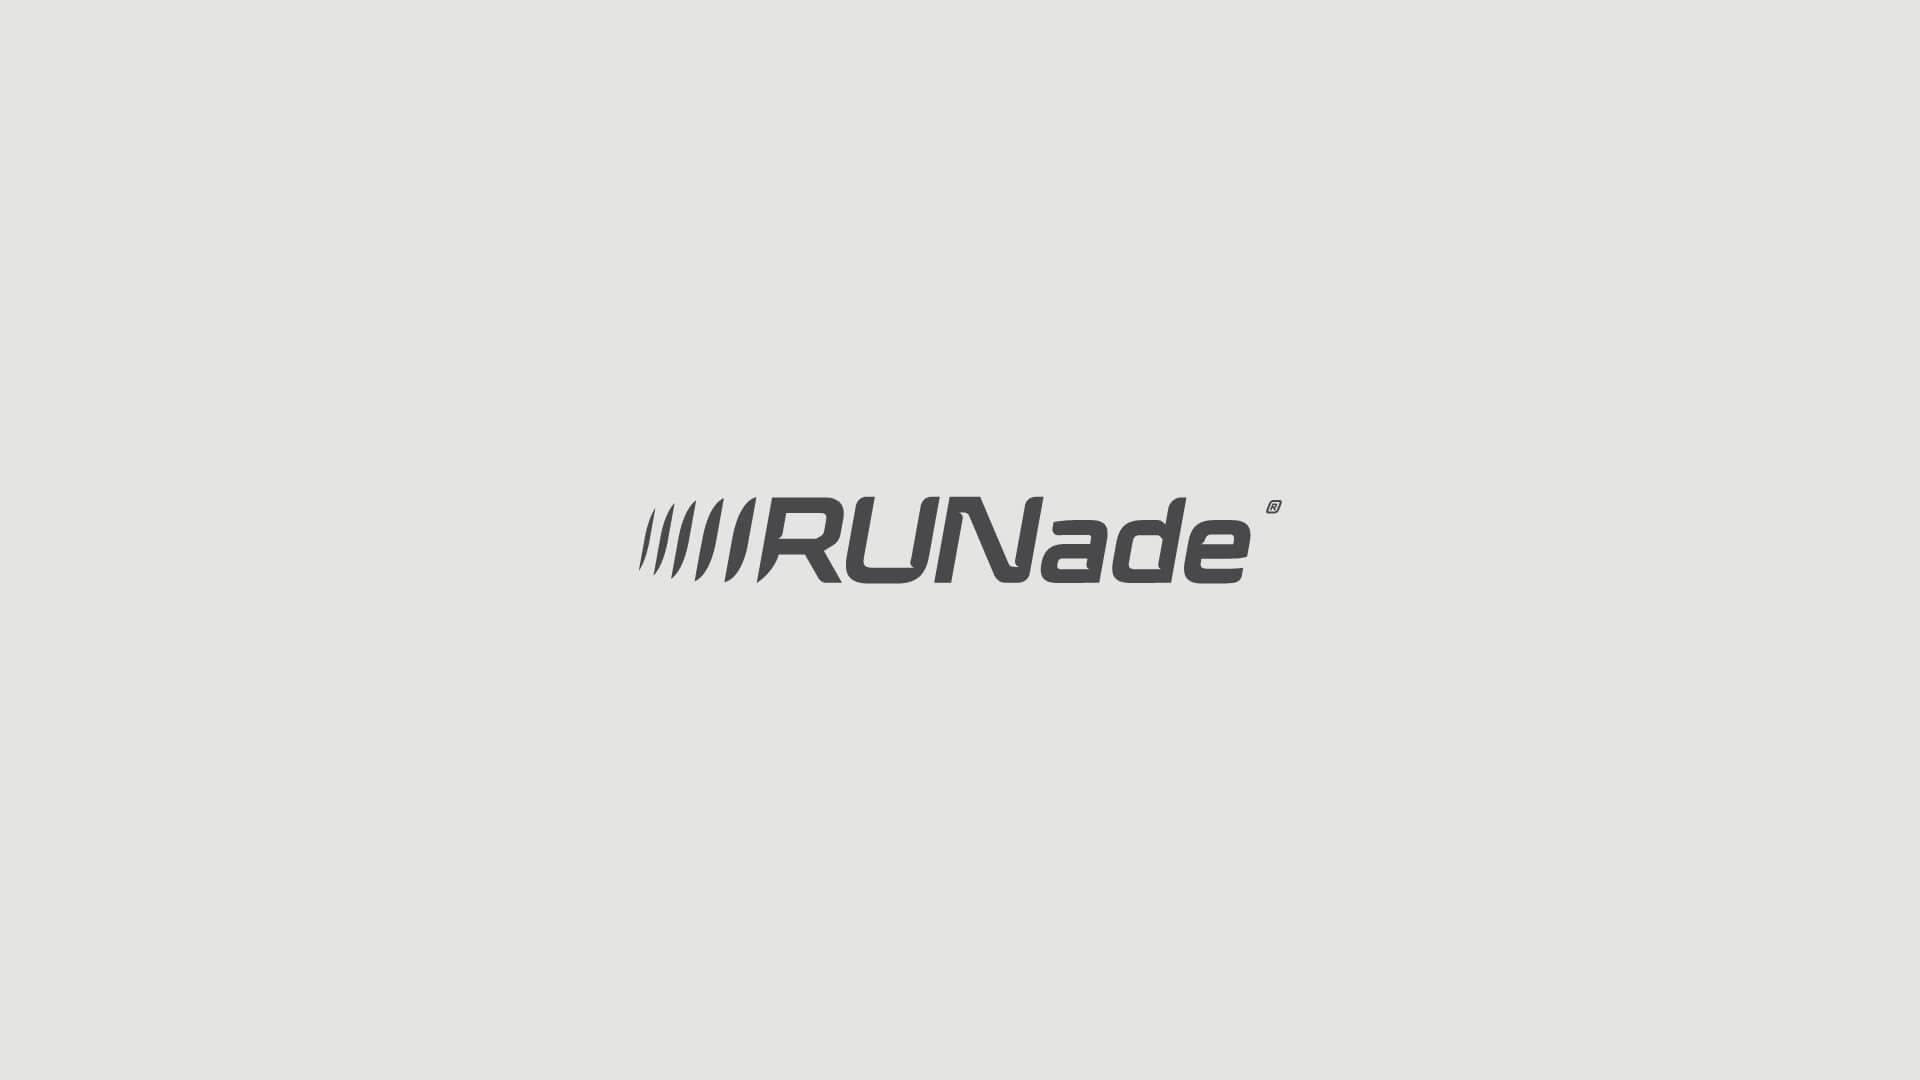 Runade_logo_2